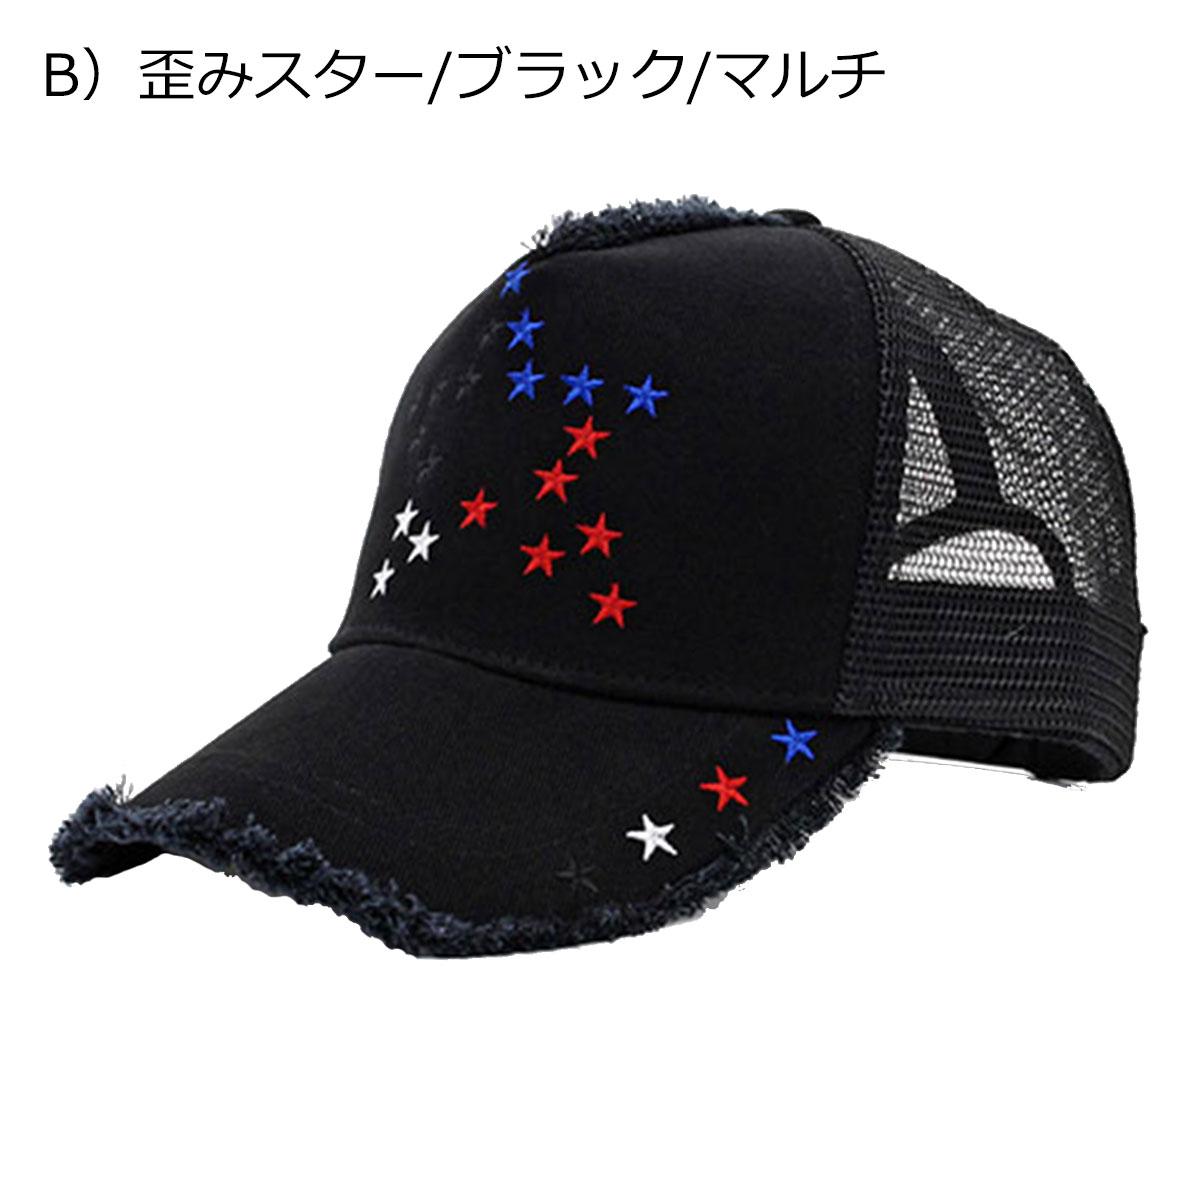 B)歪みスター/ブラック/マルチ